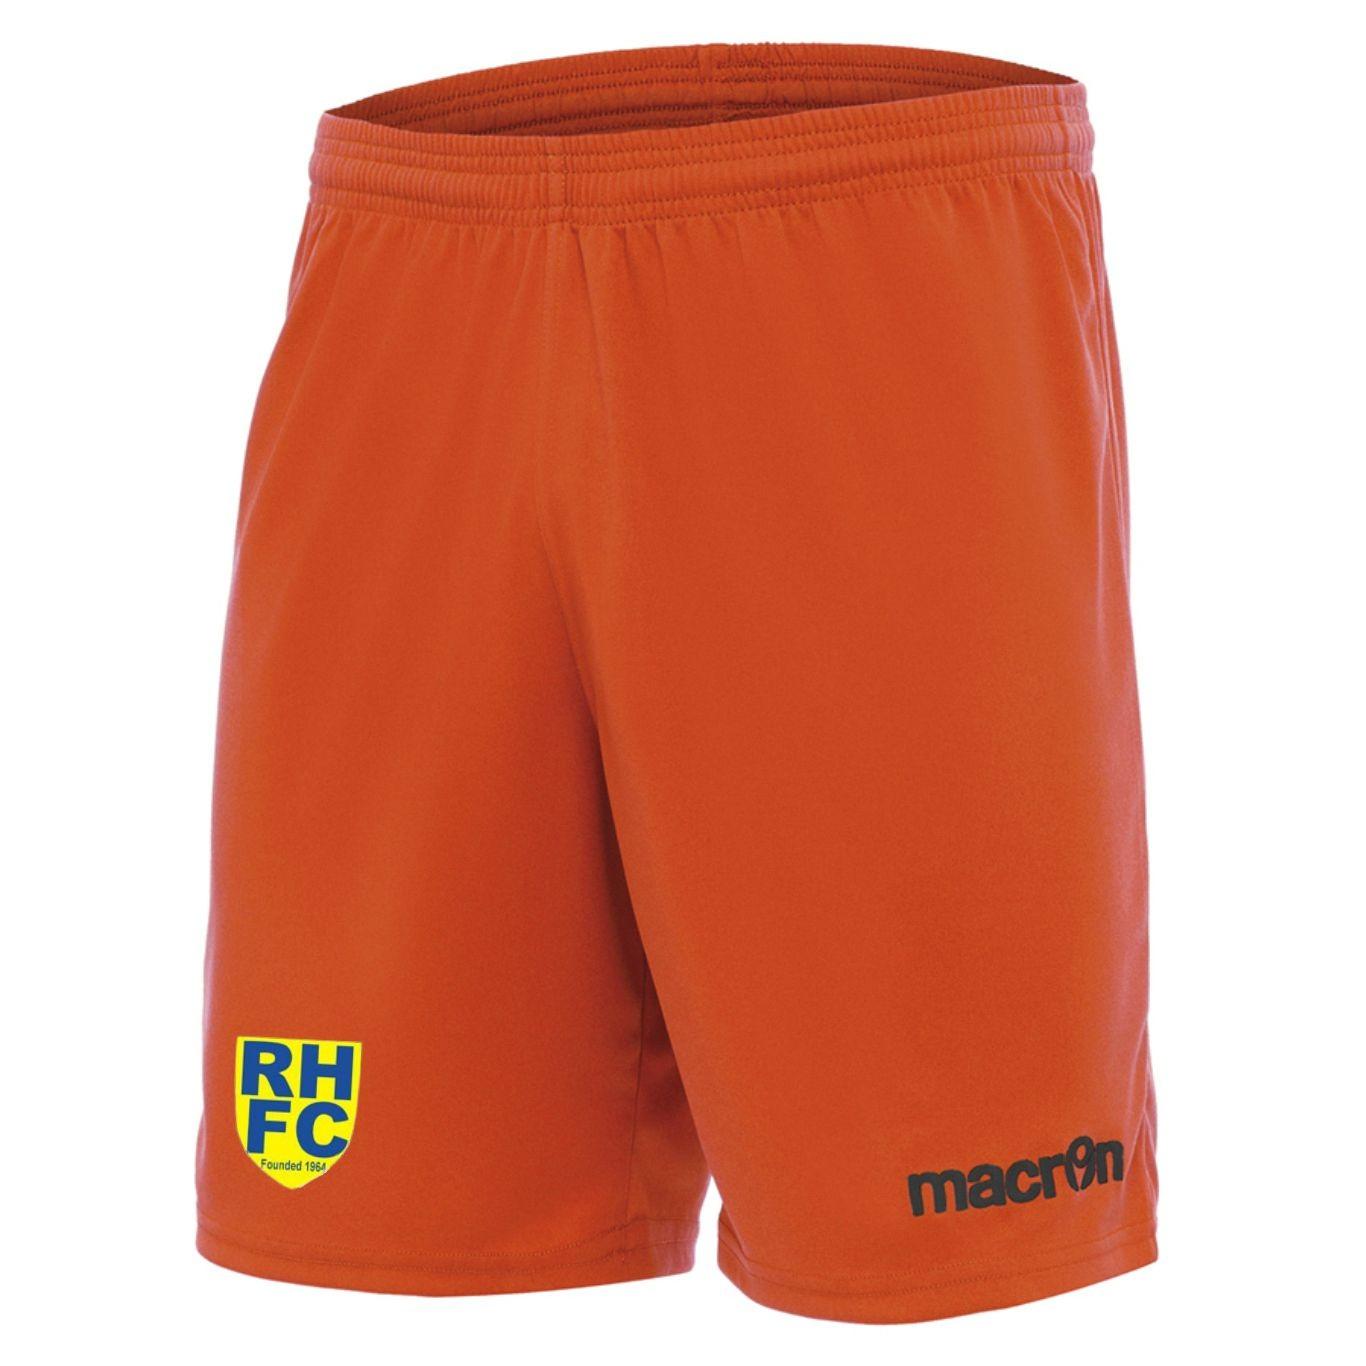 Runwell Sports FC GK Home Shorts